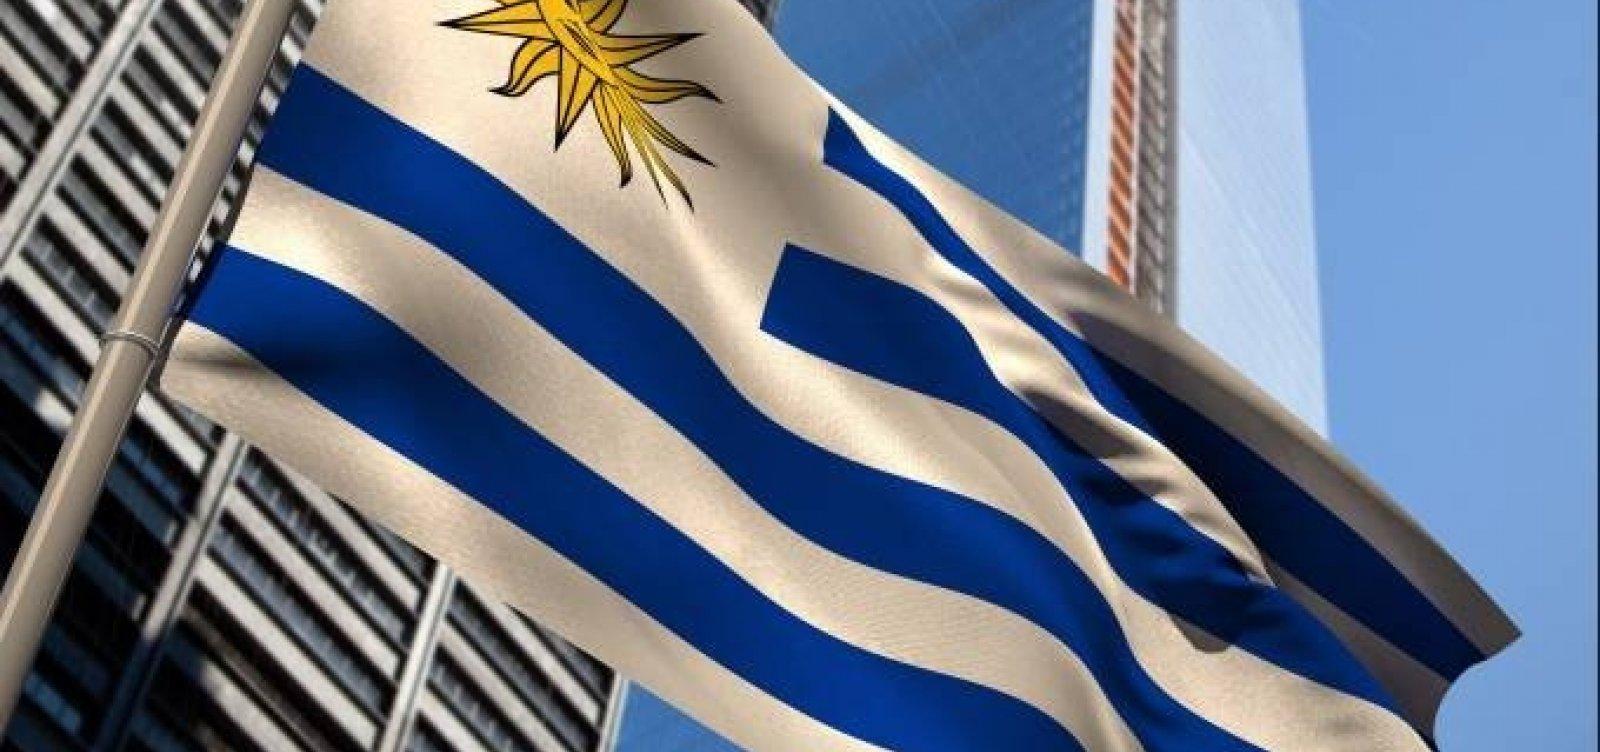 Uruguaios votam hoje novo presidente do país e referendo 'Viver sem Medo'